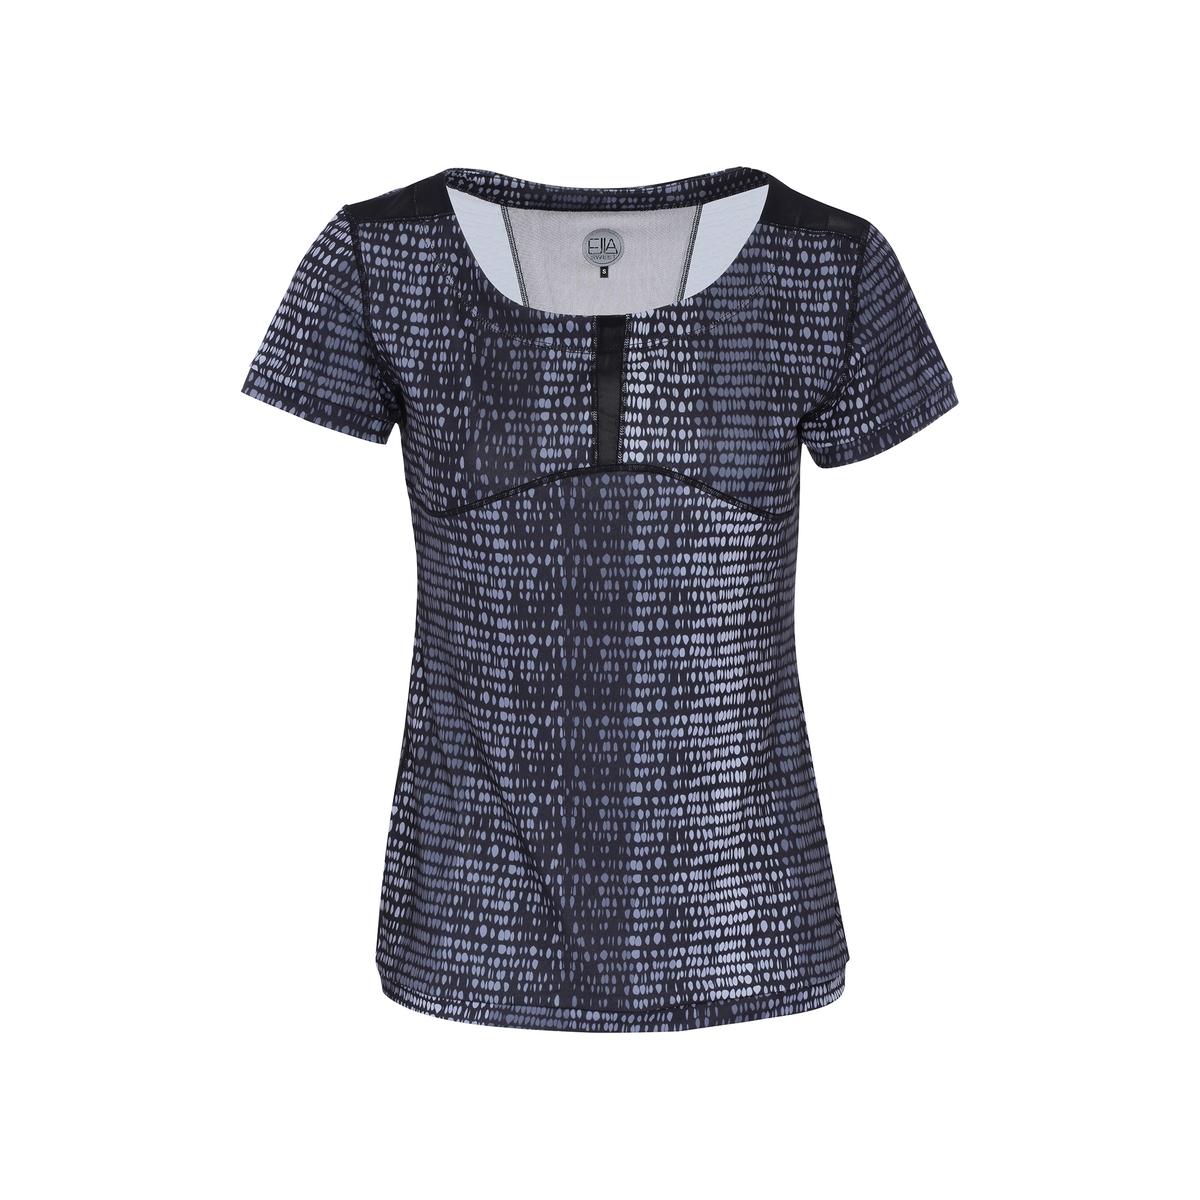 Футболка LILIНевероятно женственная футболка облегающего покроя со вставкой из вуали сзади идеальна для занятия любым видом спорта. Машинная стирка при 30°C. 90% полиэстера 10% эластана.<br><br>Цвет: рисунок черный/серый